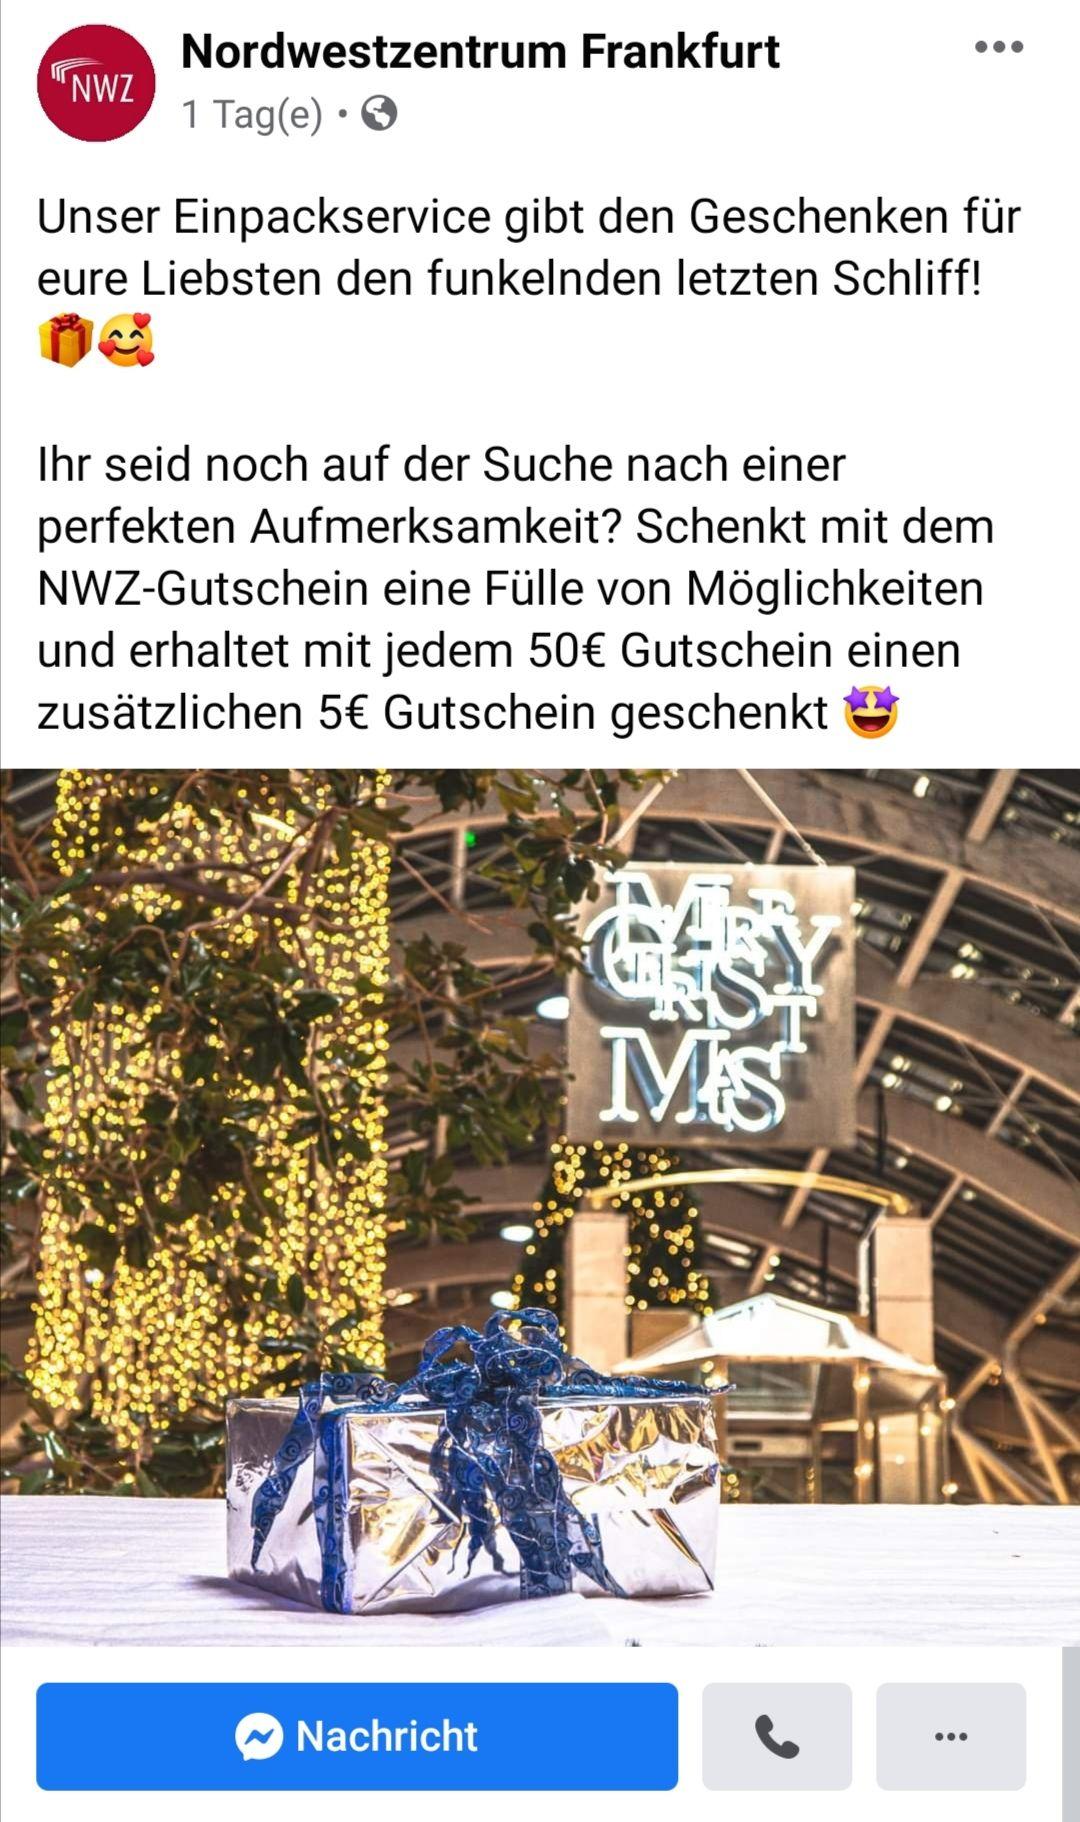 Lokal Nordwestzentrum Frankfurt Gutschein für 50€ kaufen 5€ Gutschein geschenkt